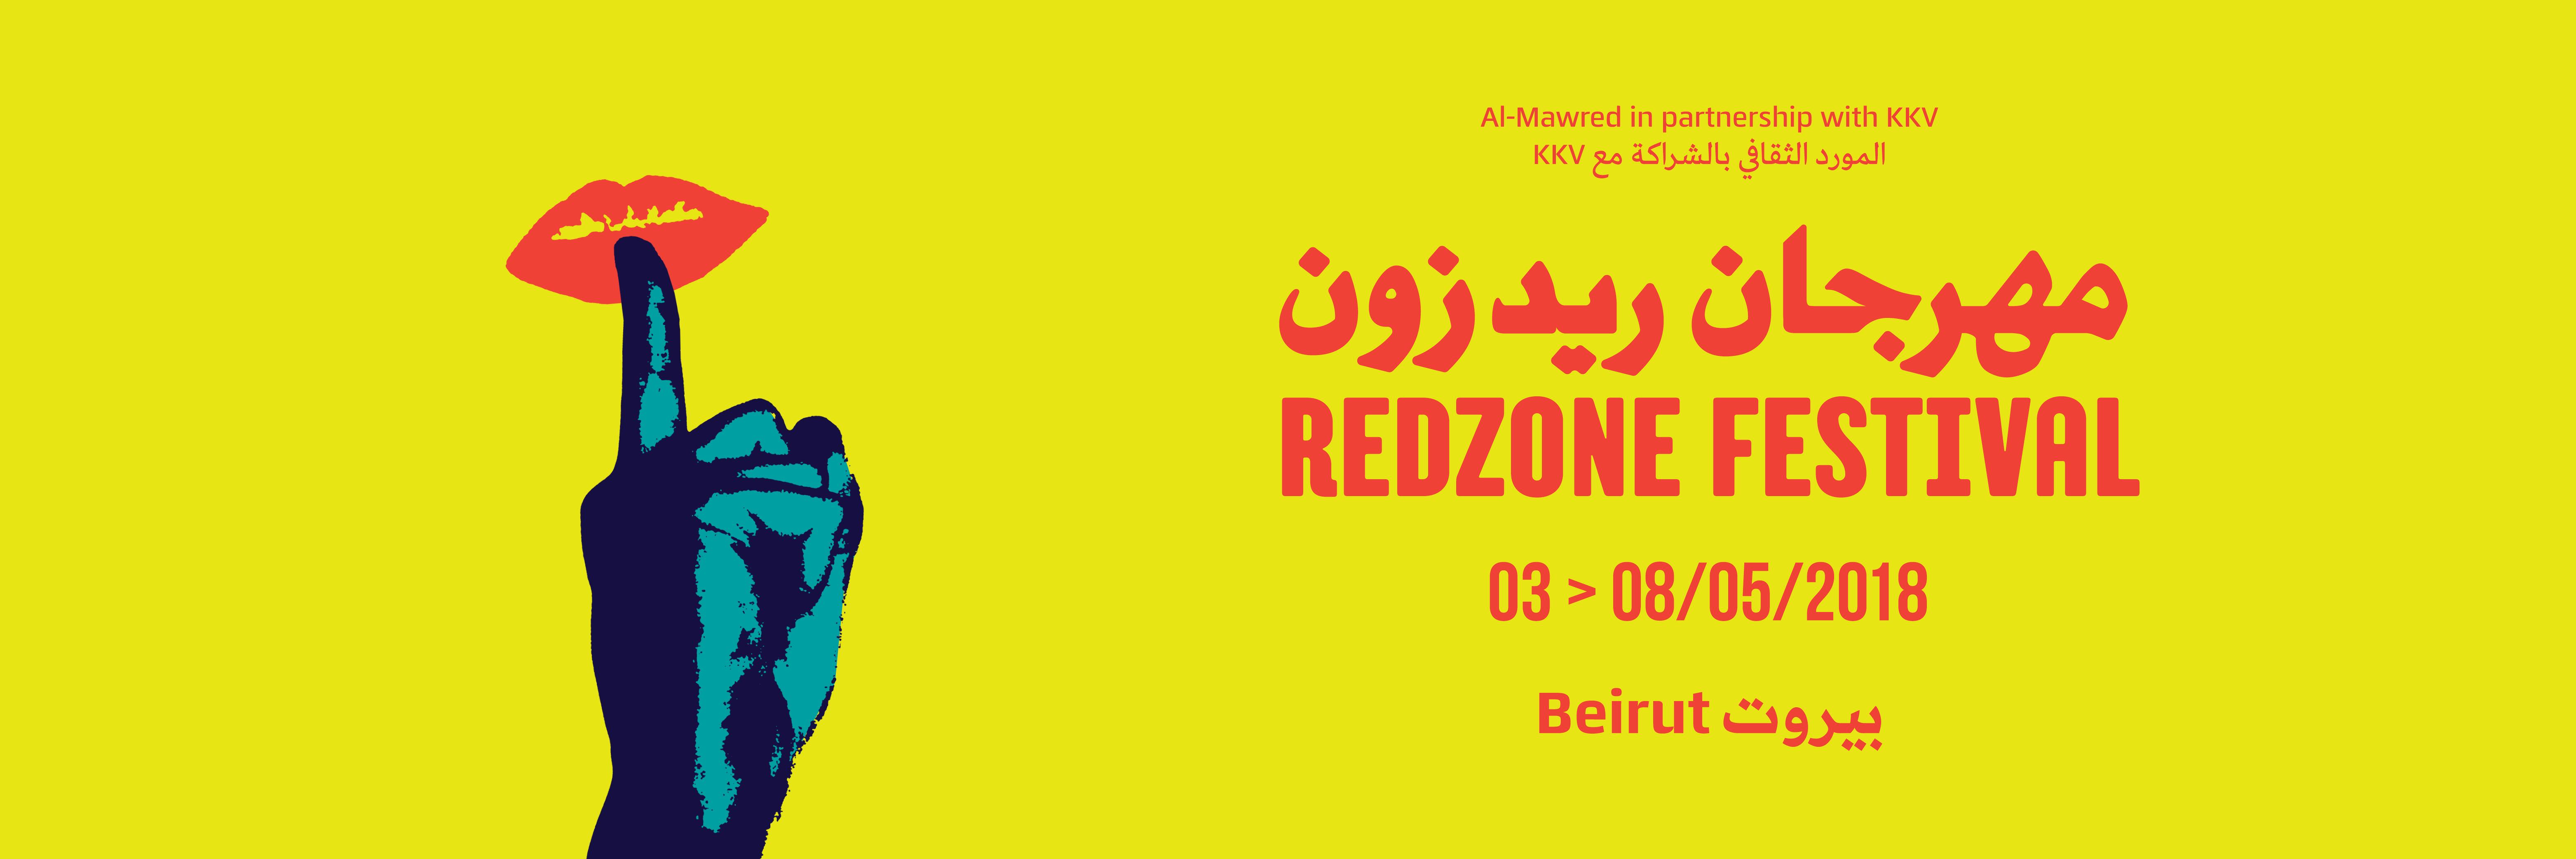 Permalink to: Redzone 2018